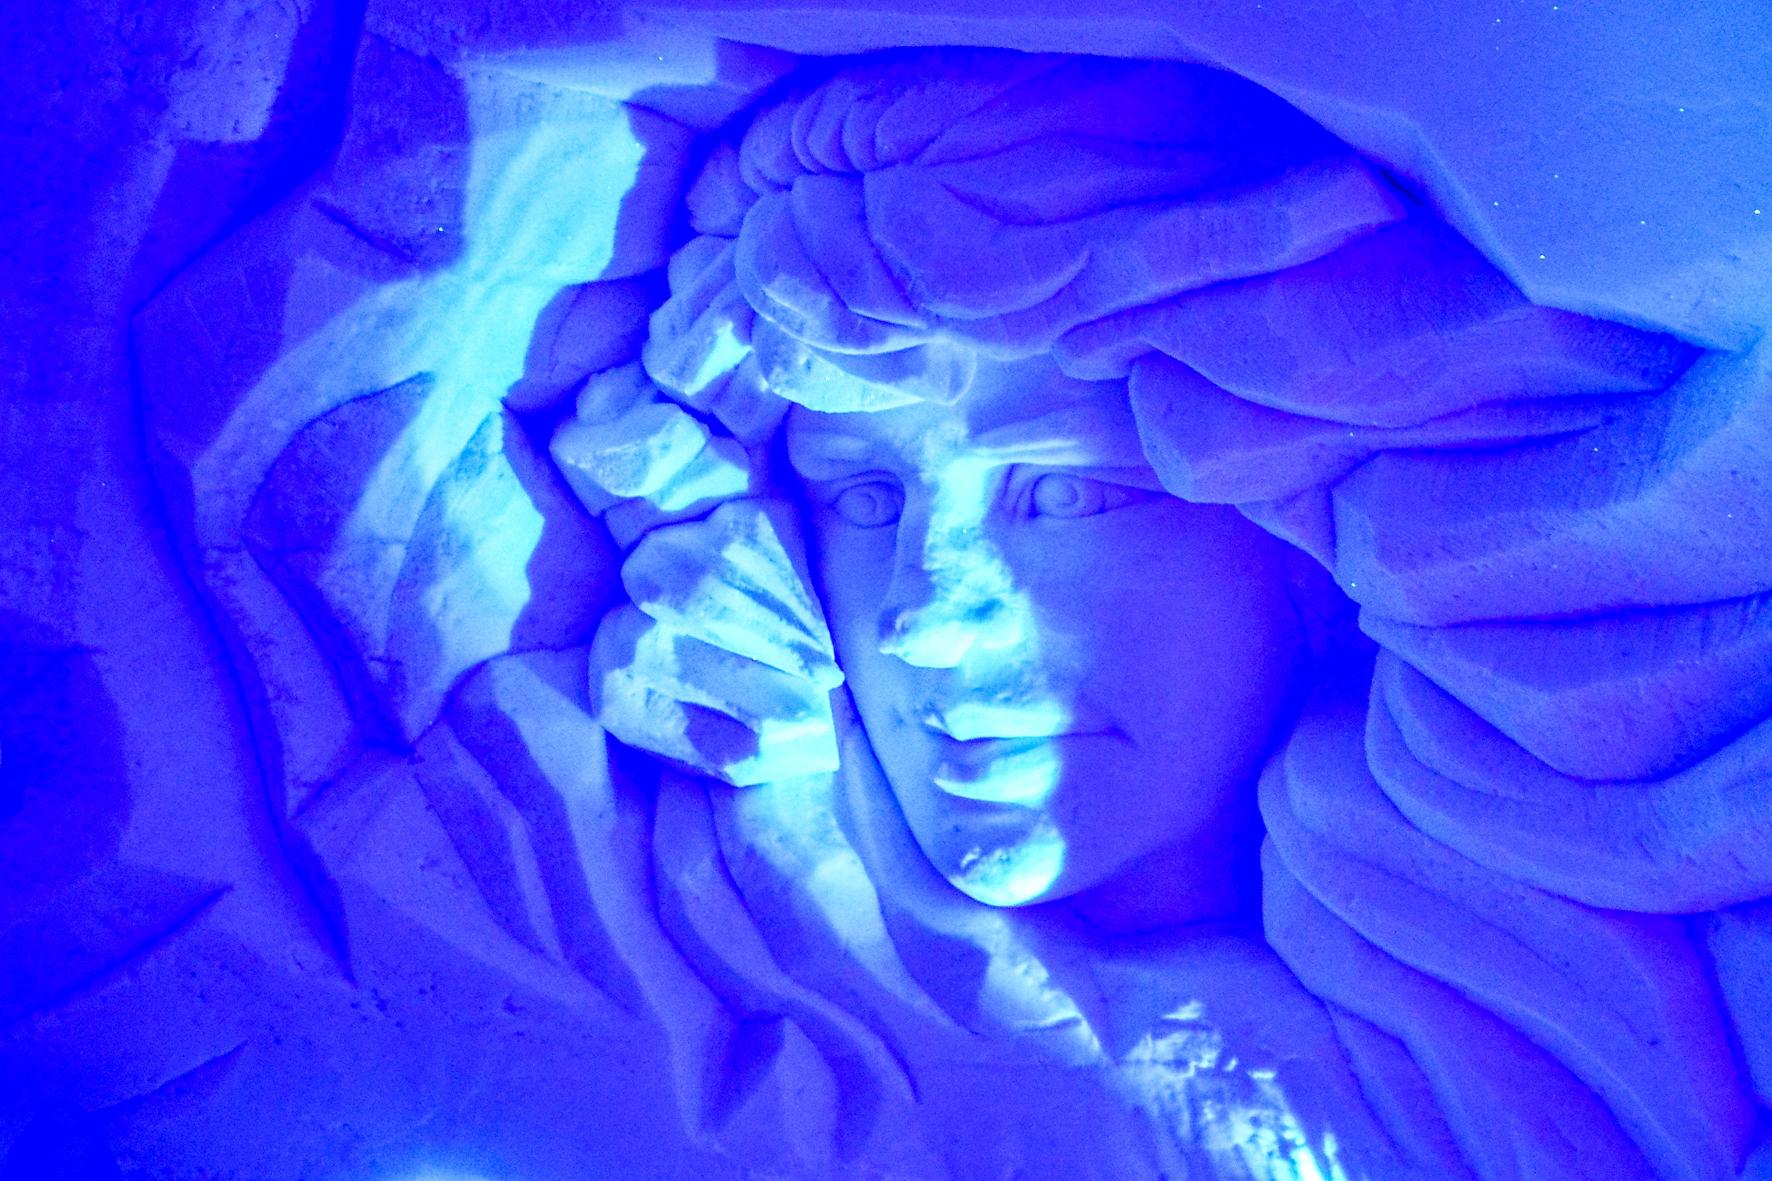 sculpture-de-glace